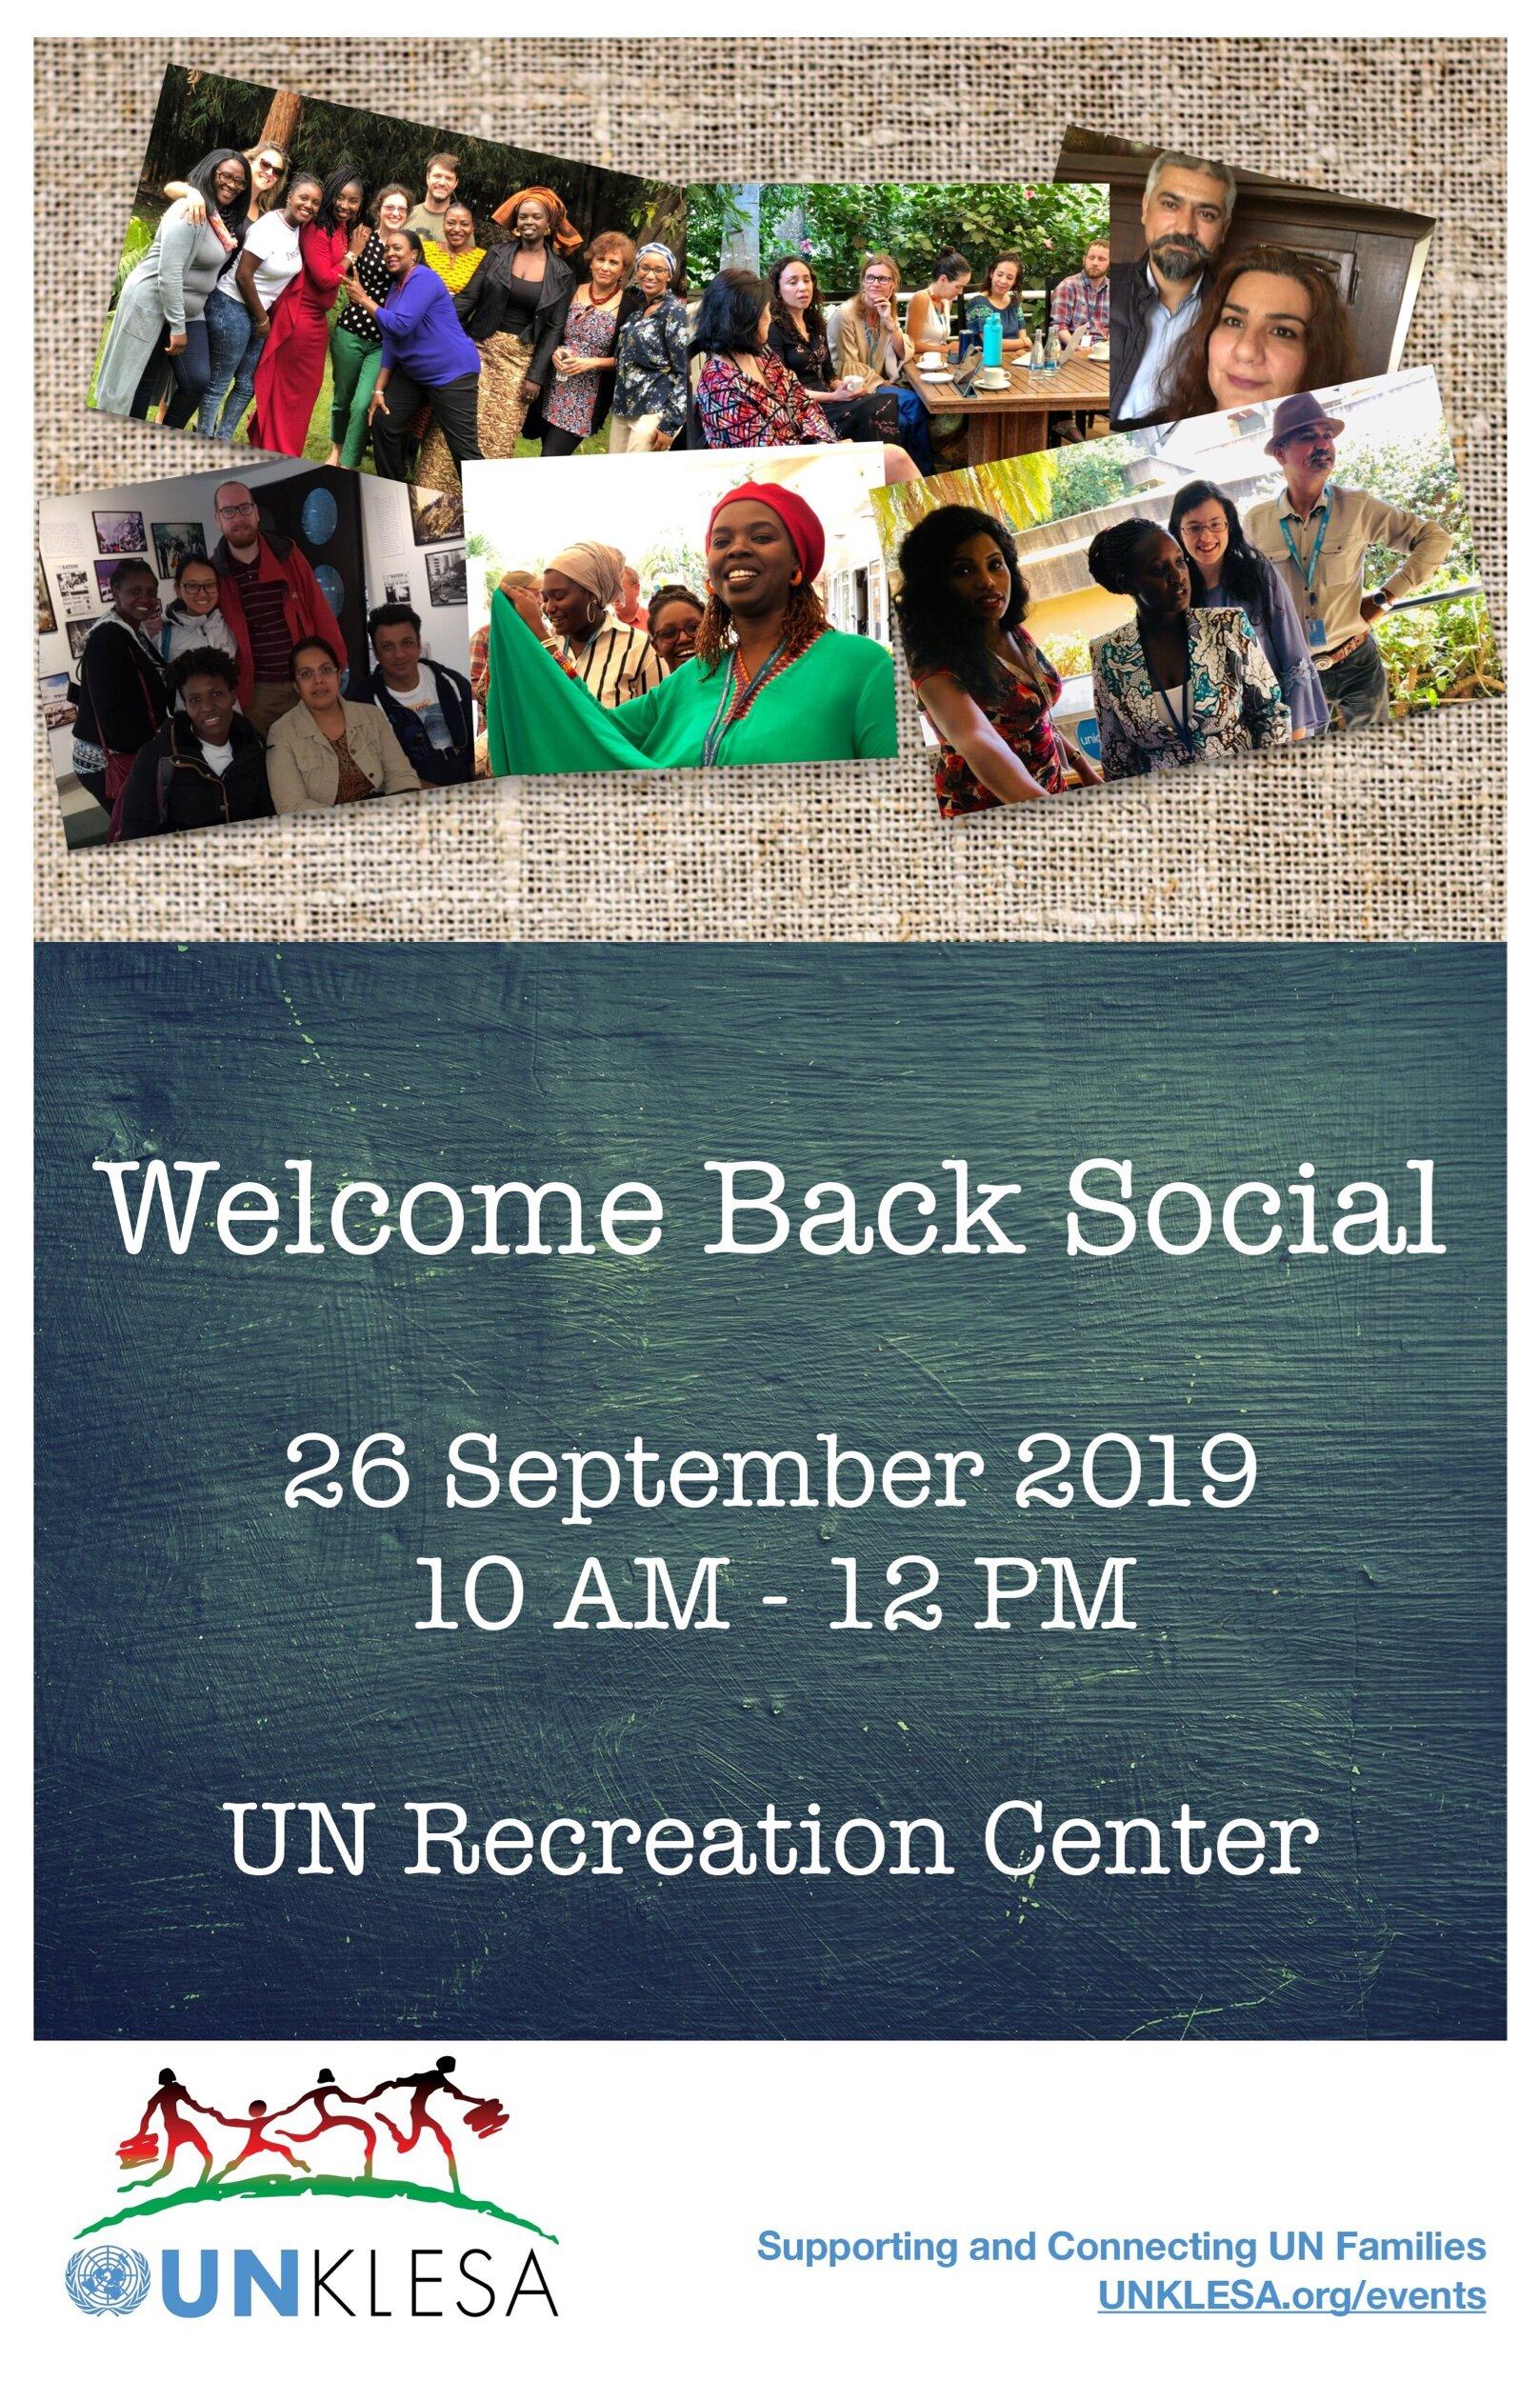 UNKLESA_WelcomeBackSocial_September2019.jpeg